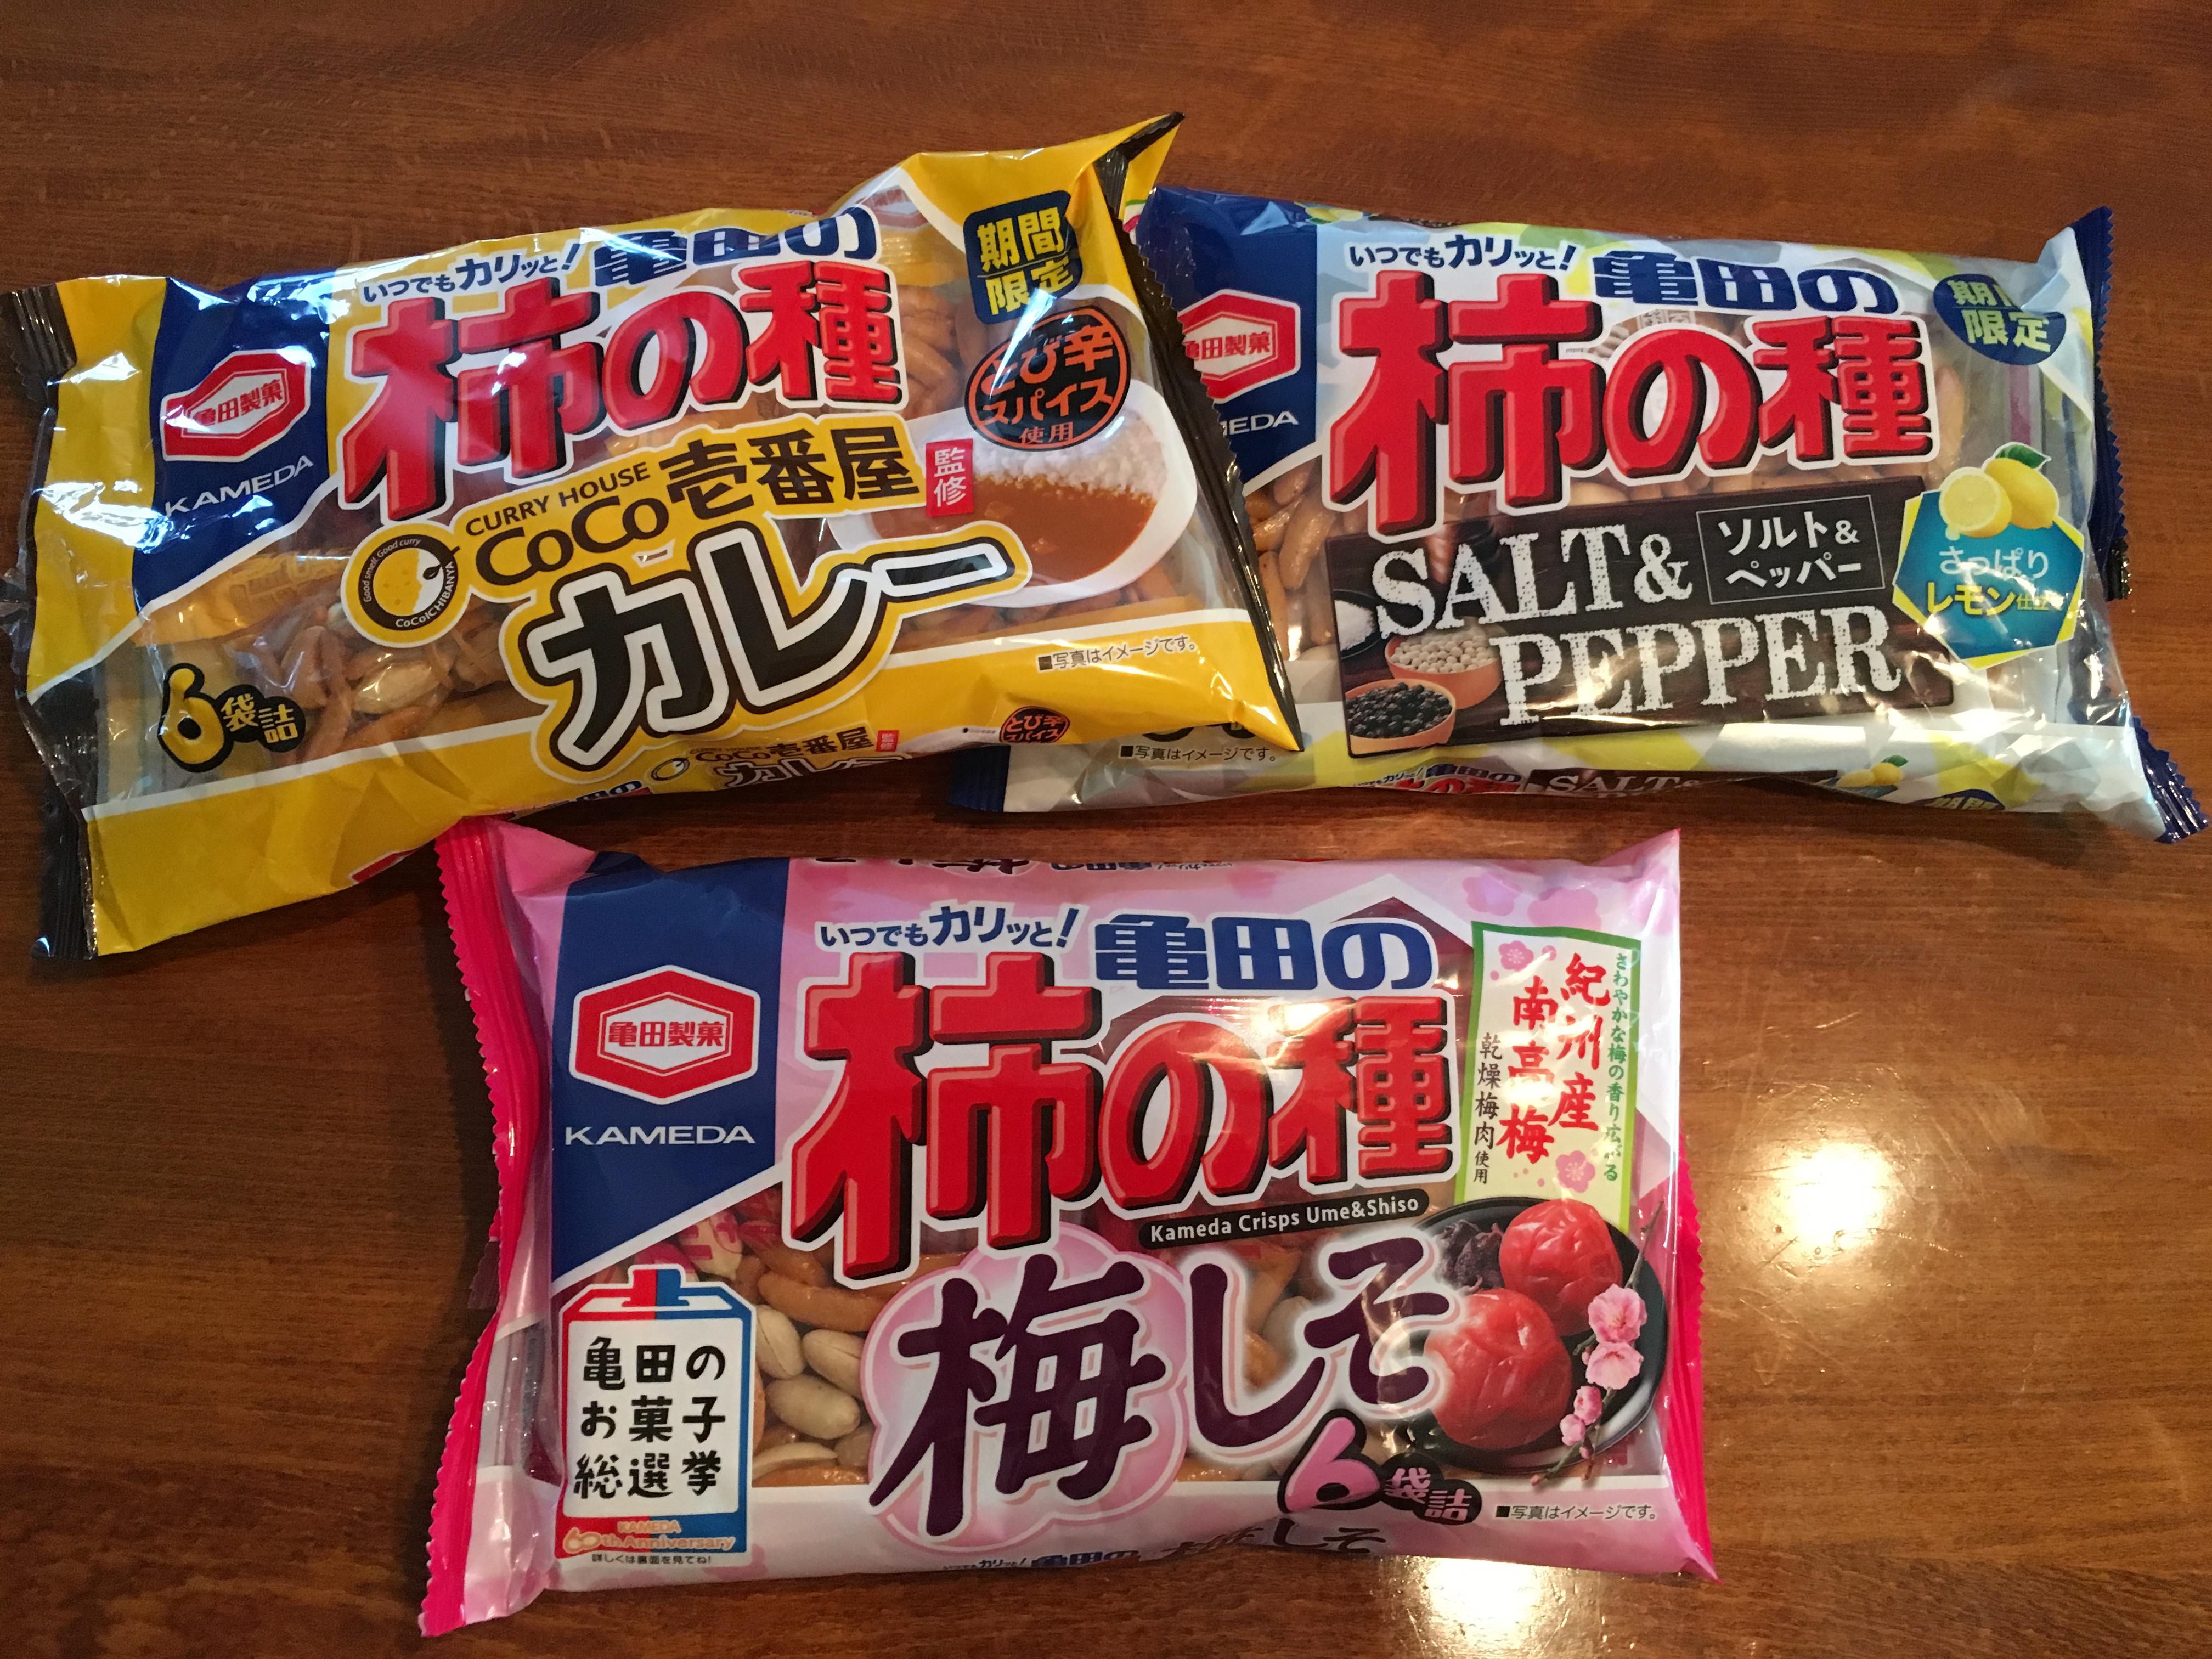 【期間限定】亀田の柿の種3種類を食べ比べ!ガチで美味しい柿の種はこれだ!